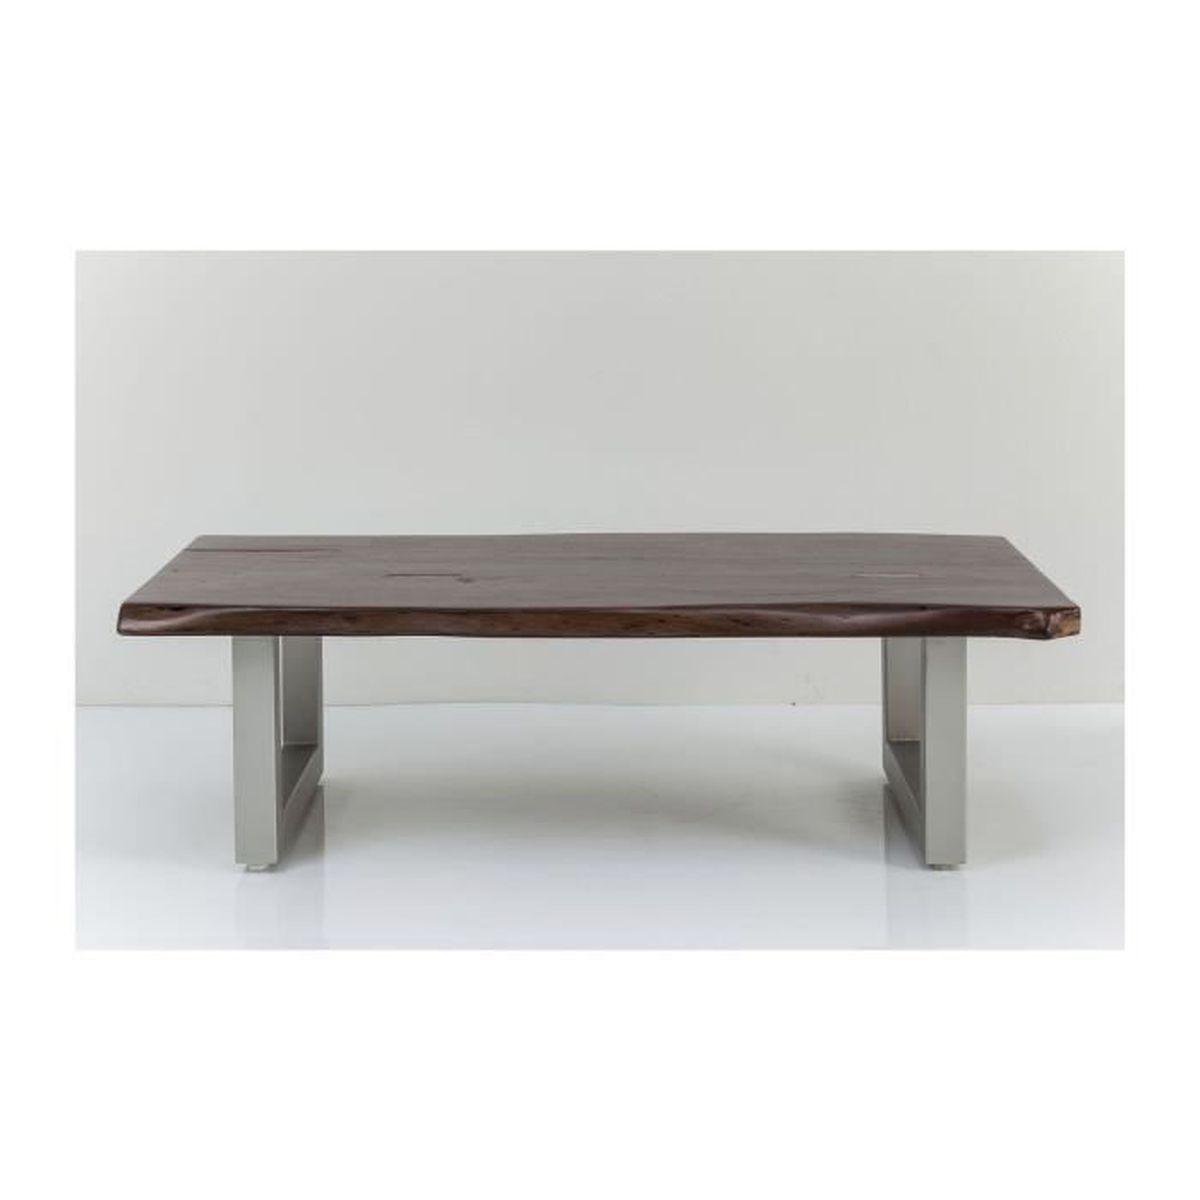 Table basse m lange 135x70cm kare design achat vente - Table basse largeur 40 cm ...